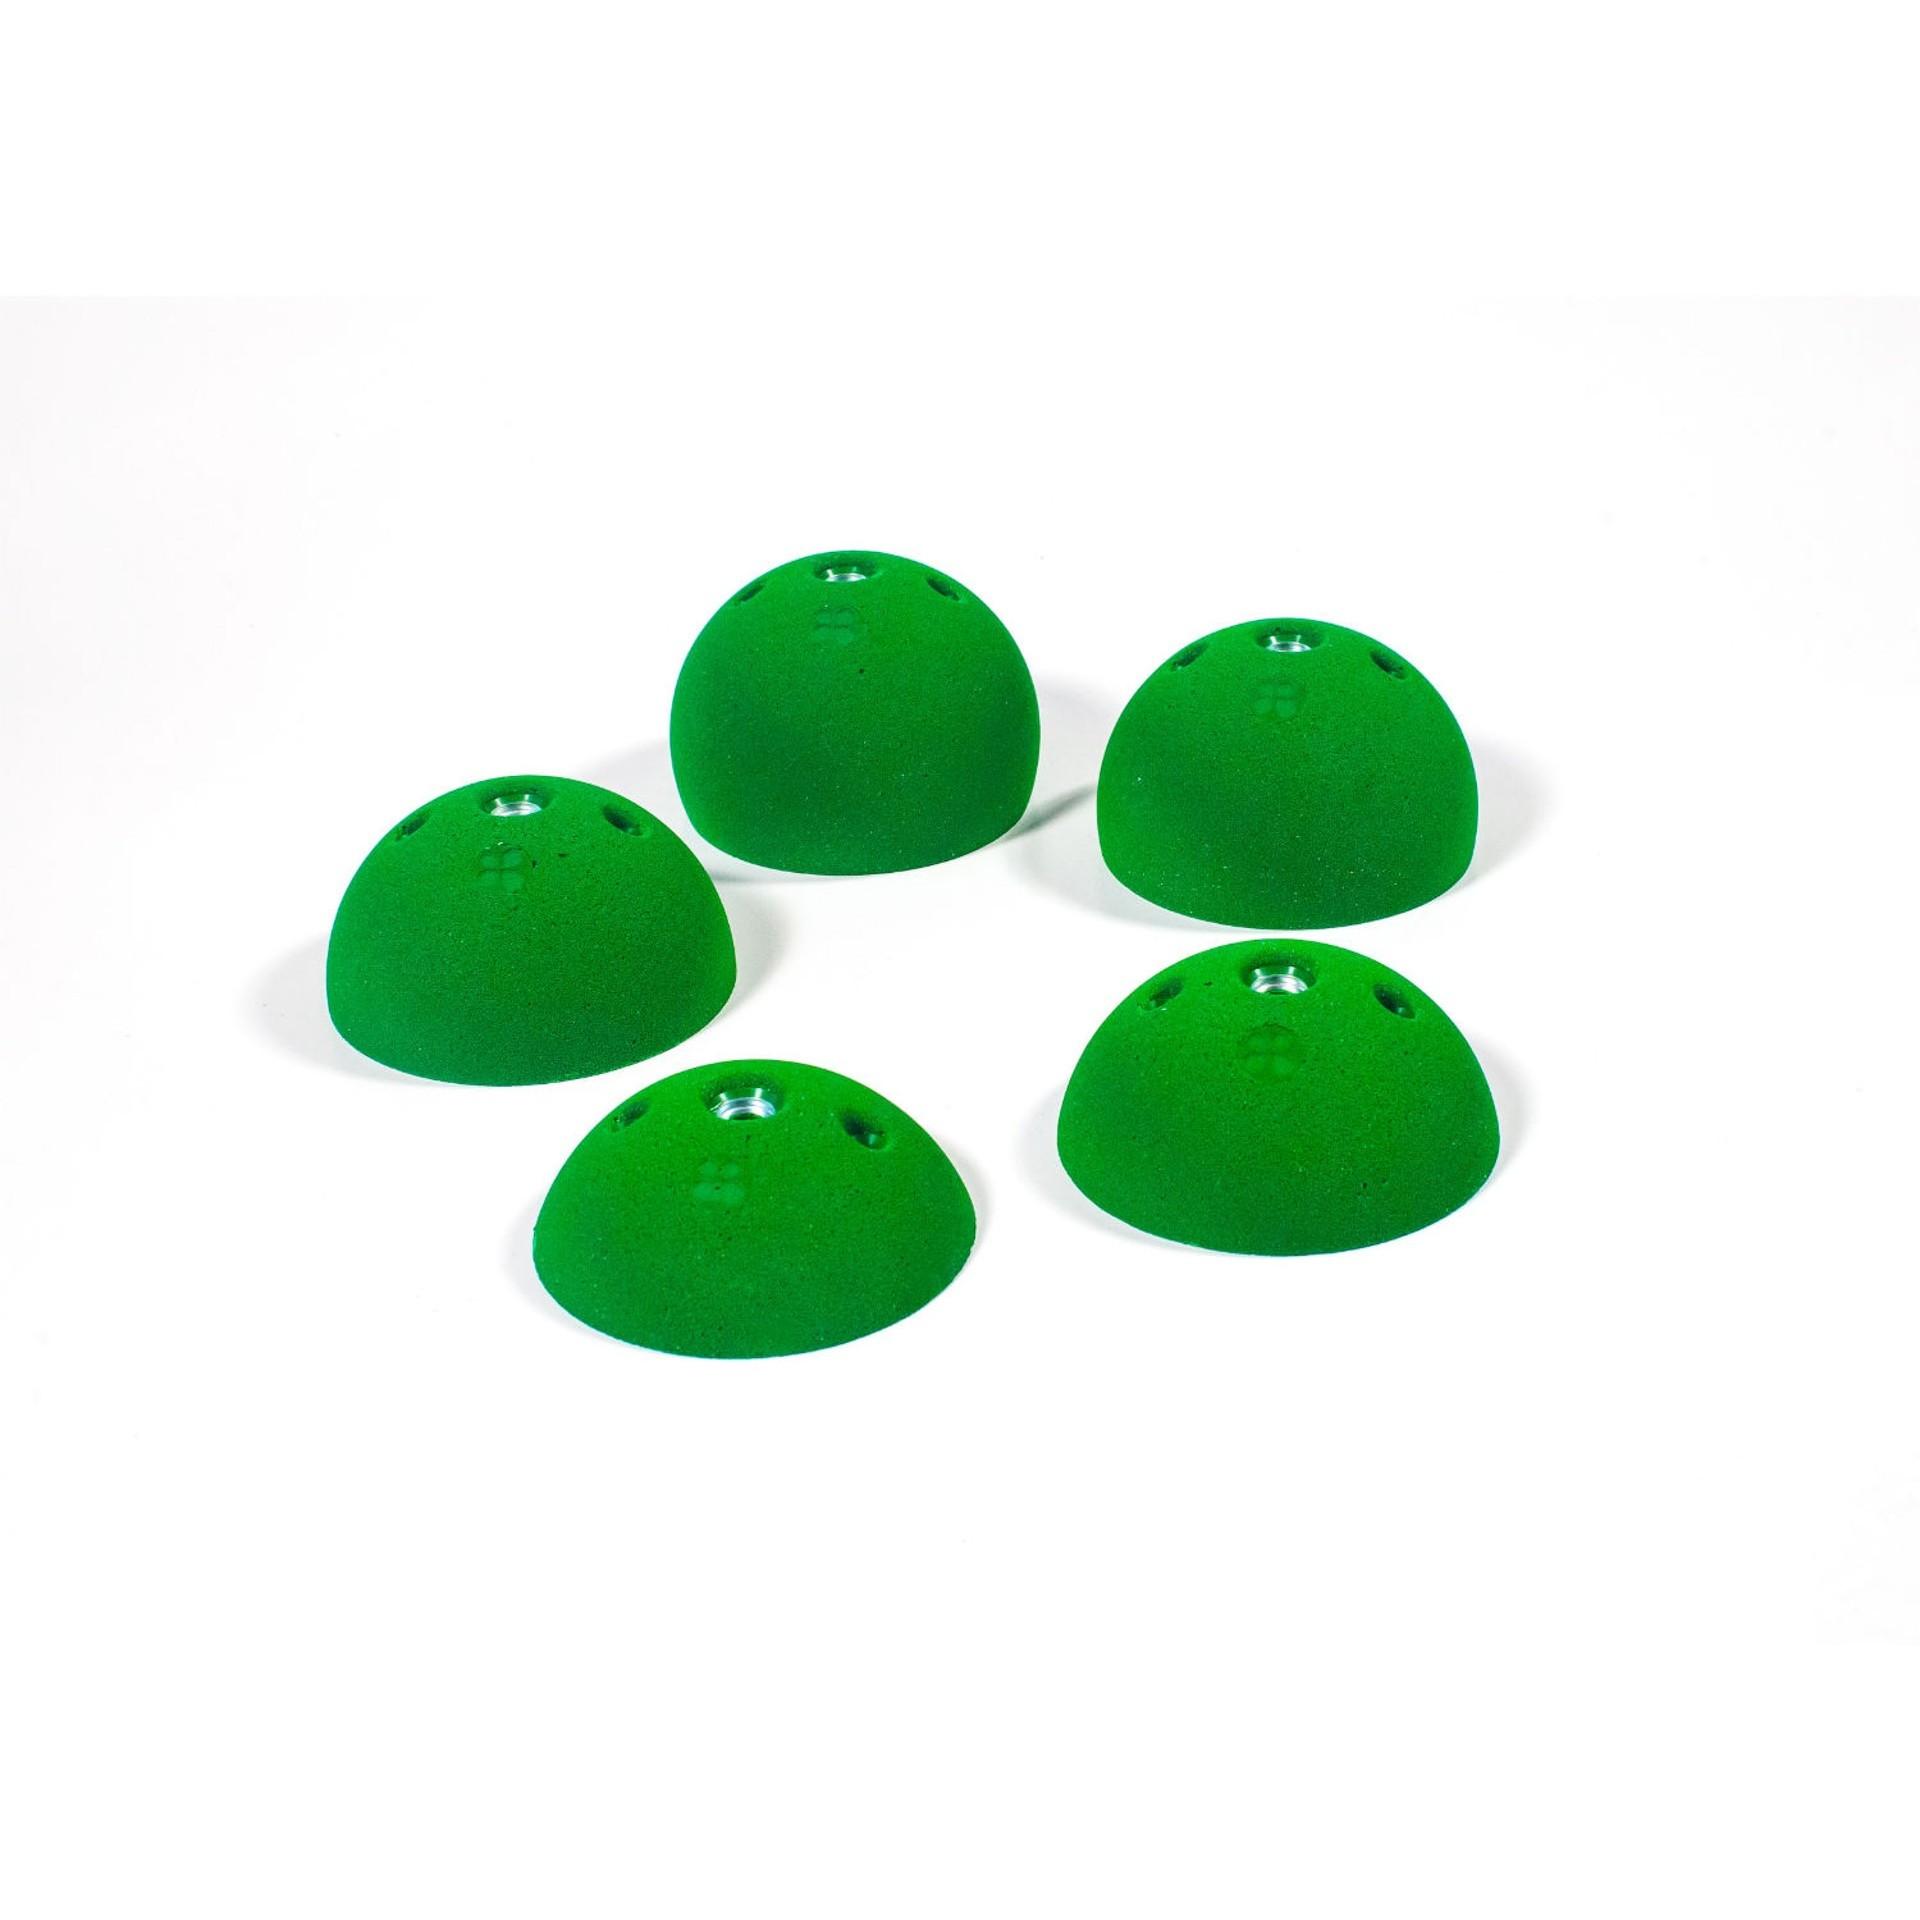 Balls 02 - Holds.fr